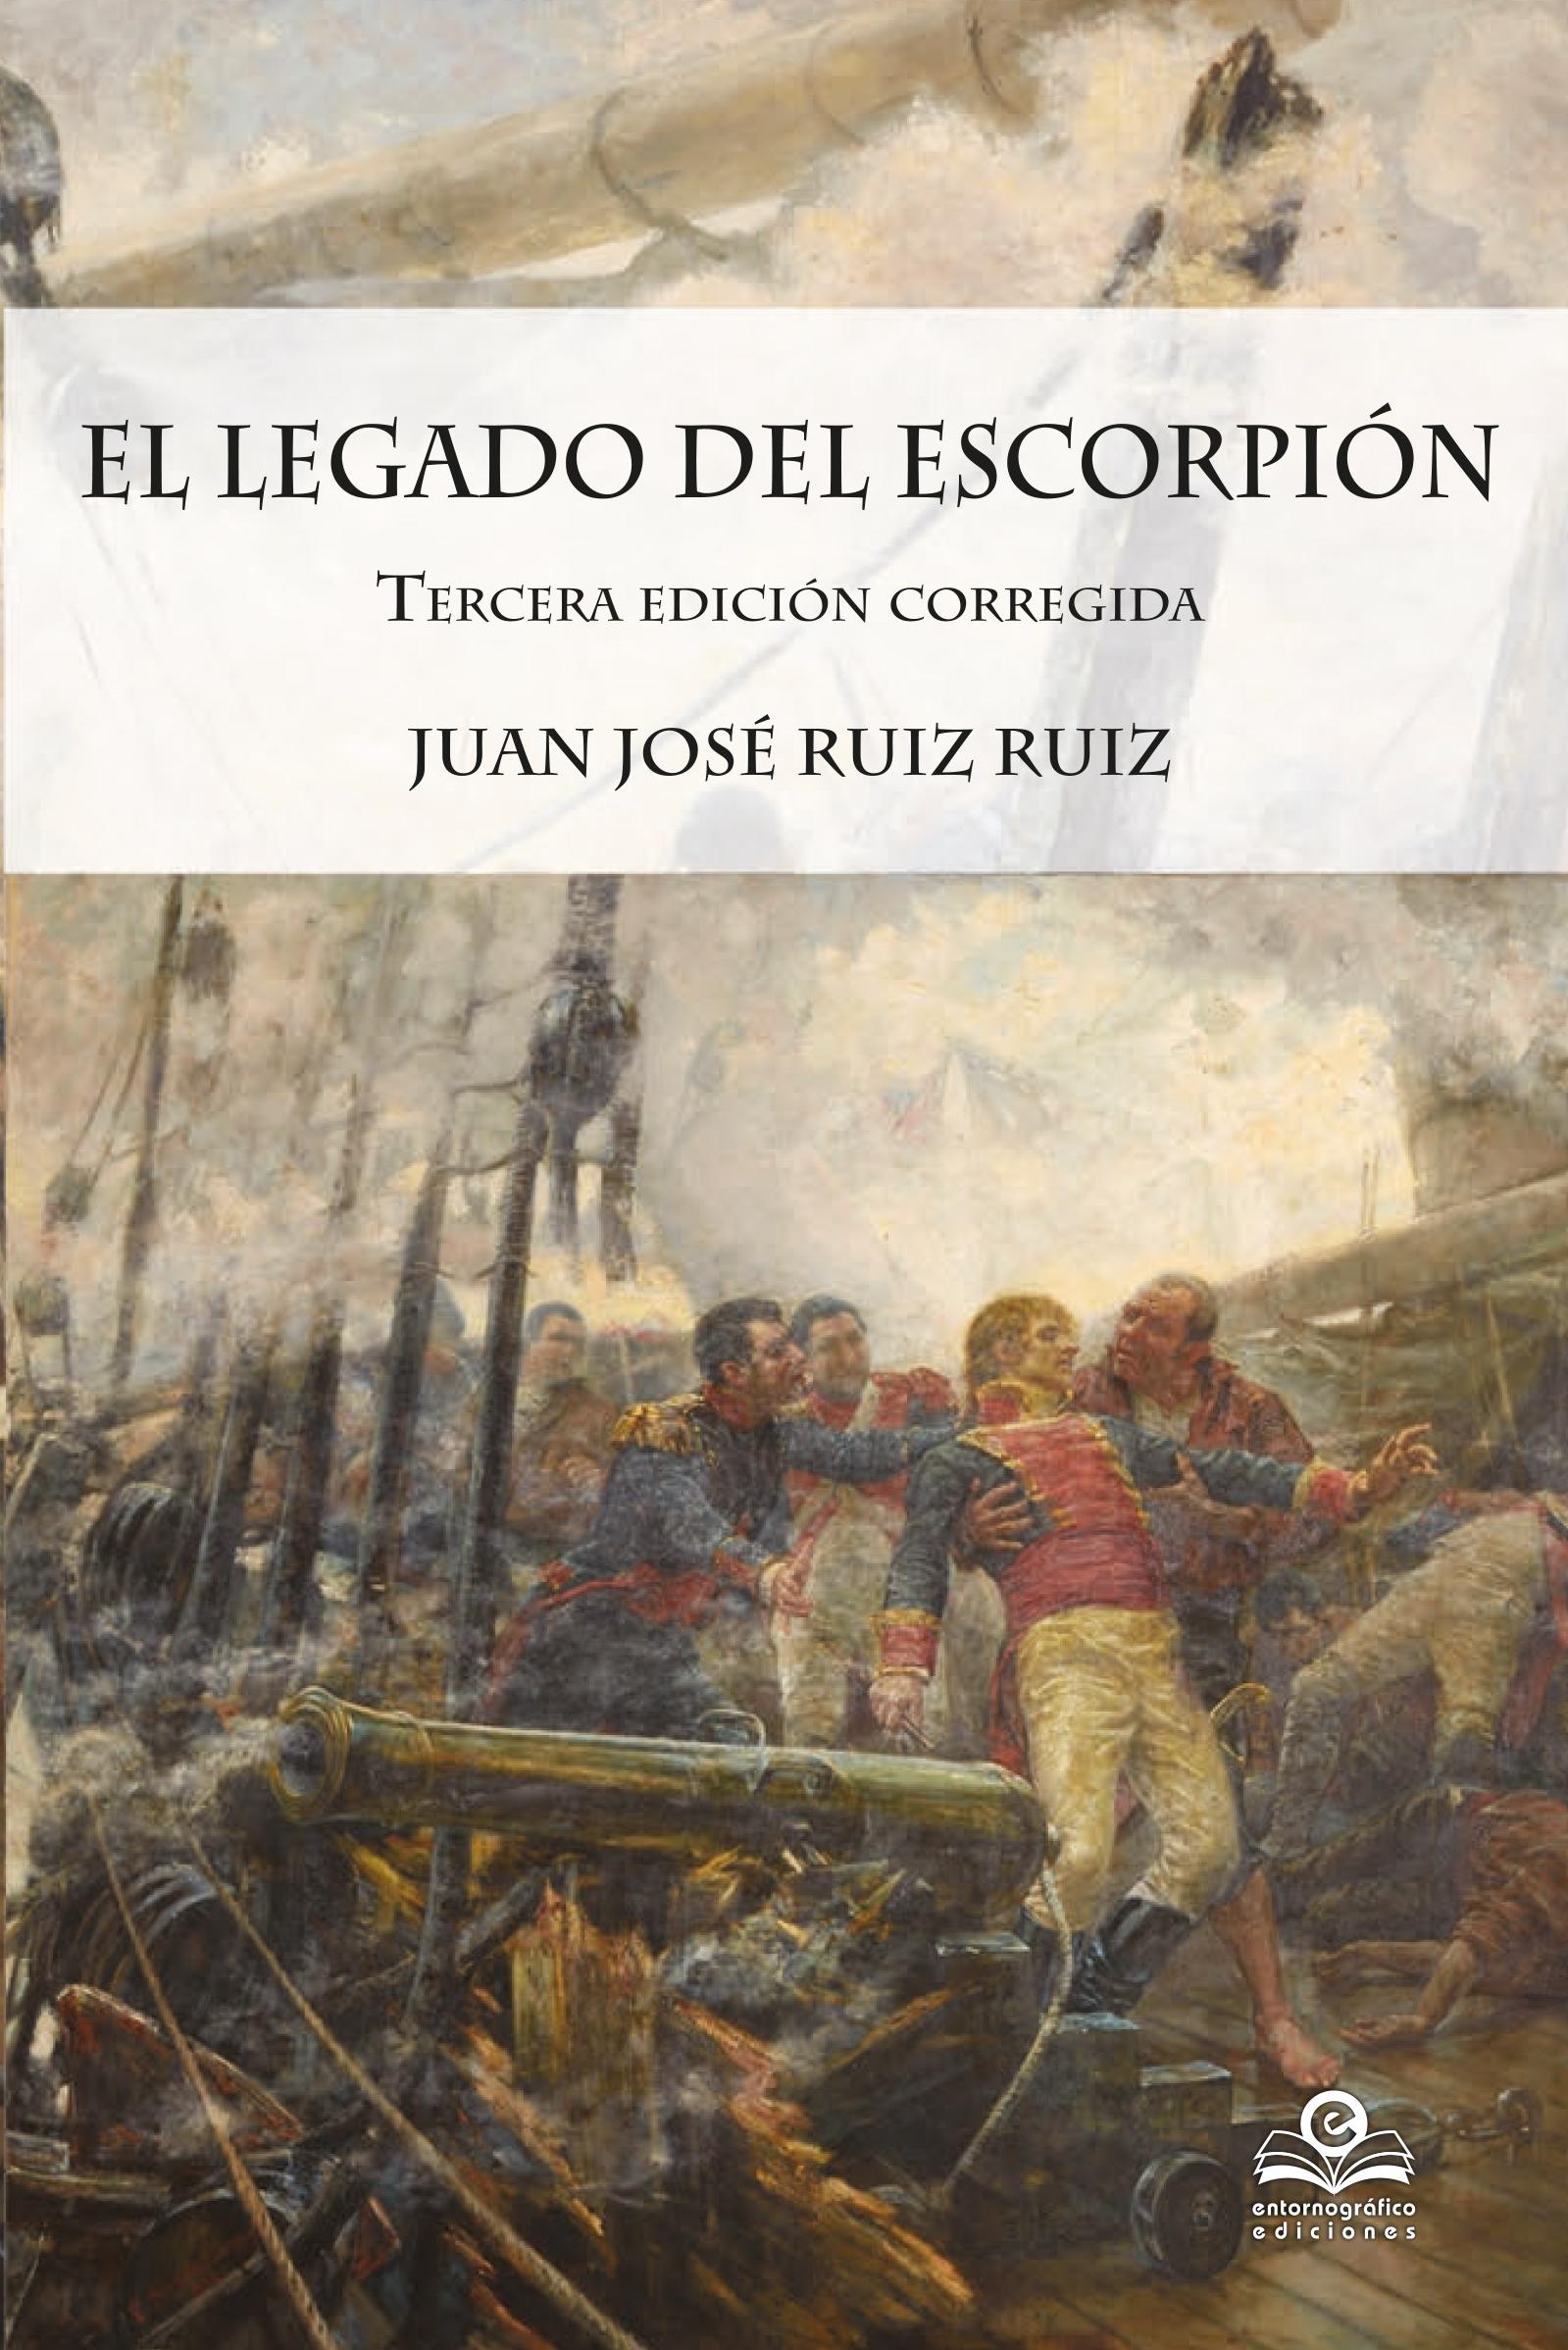 PRESENTACIÓN DE «EL LEGADO DEL ESCORPIÓN», DE JUAN JOSÉ RUIZ RUIZ